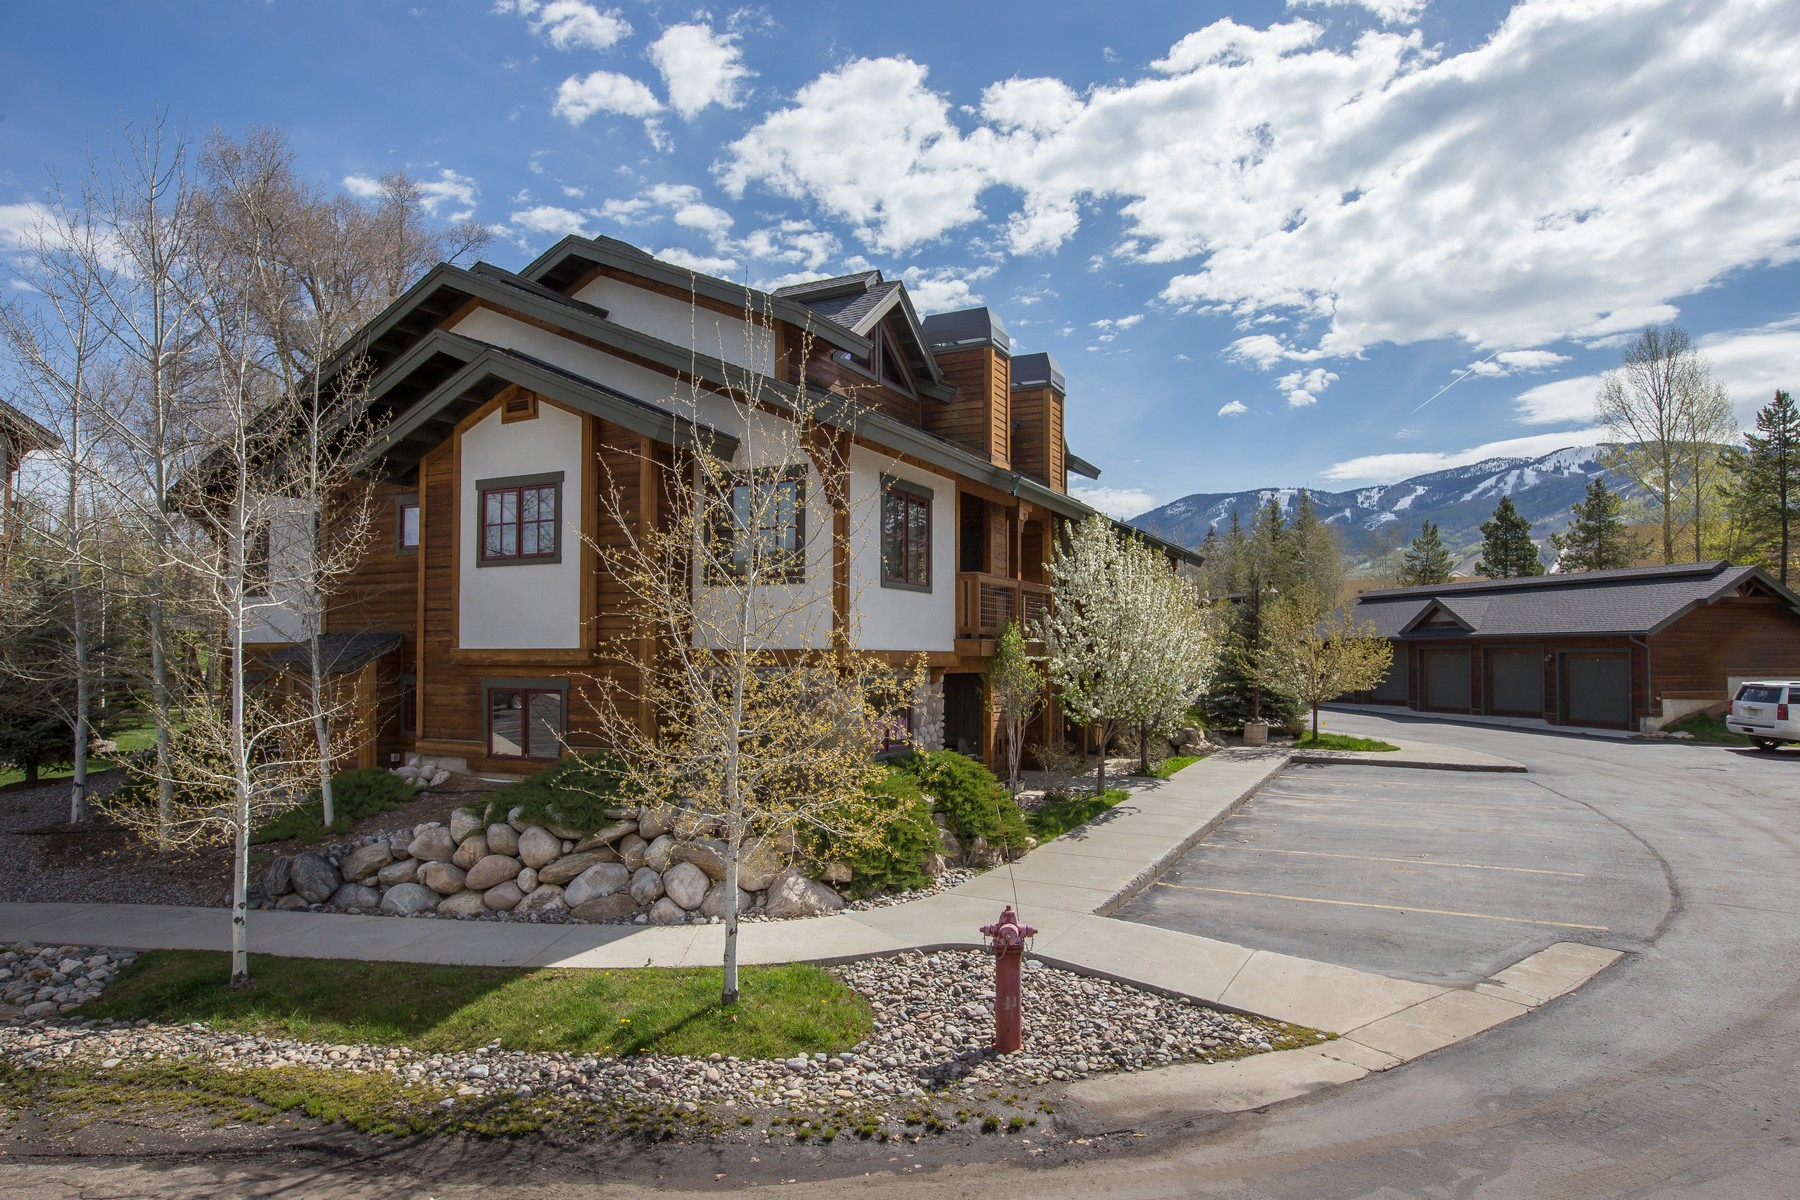 Stadthaus für Verkauf beim Pines at Ore House Condo 420 Ore House Plaza #101 Steamboat Springs, Colorado 80487 Vereinigte Staaten